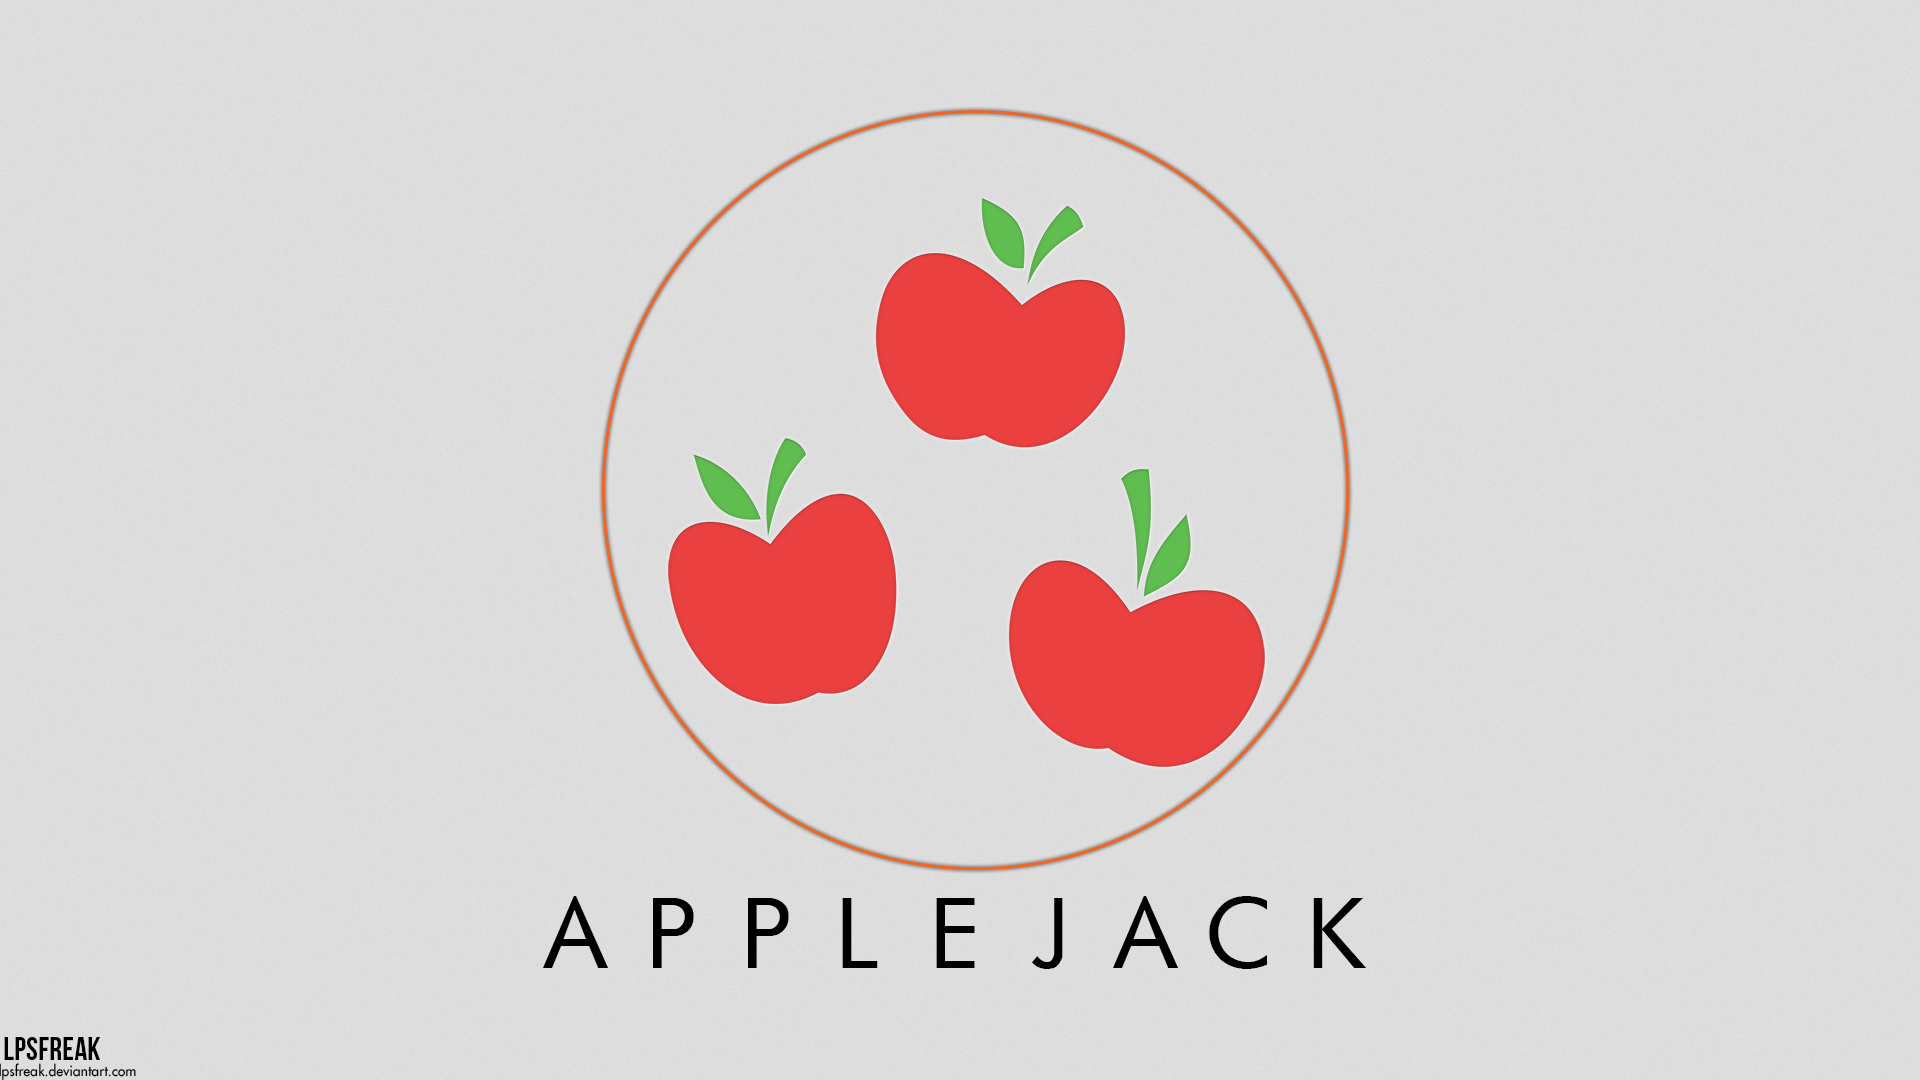 Applejack Mineral Wallpaper by LPSfreak